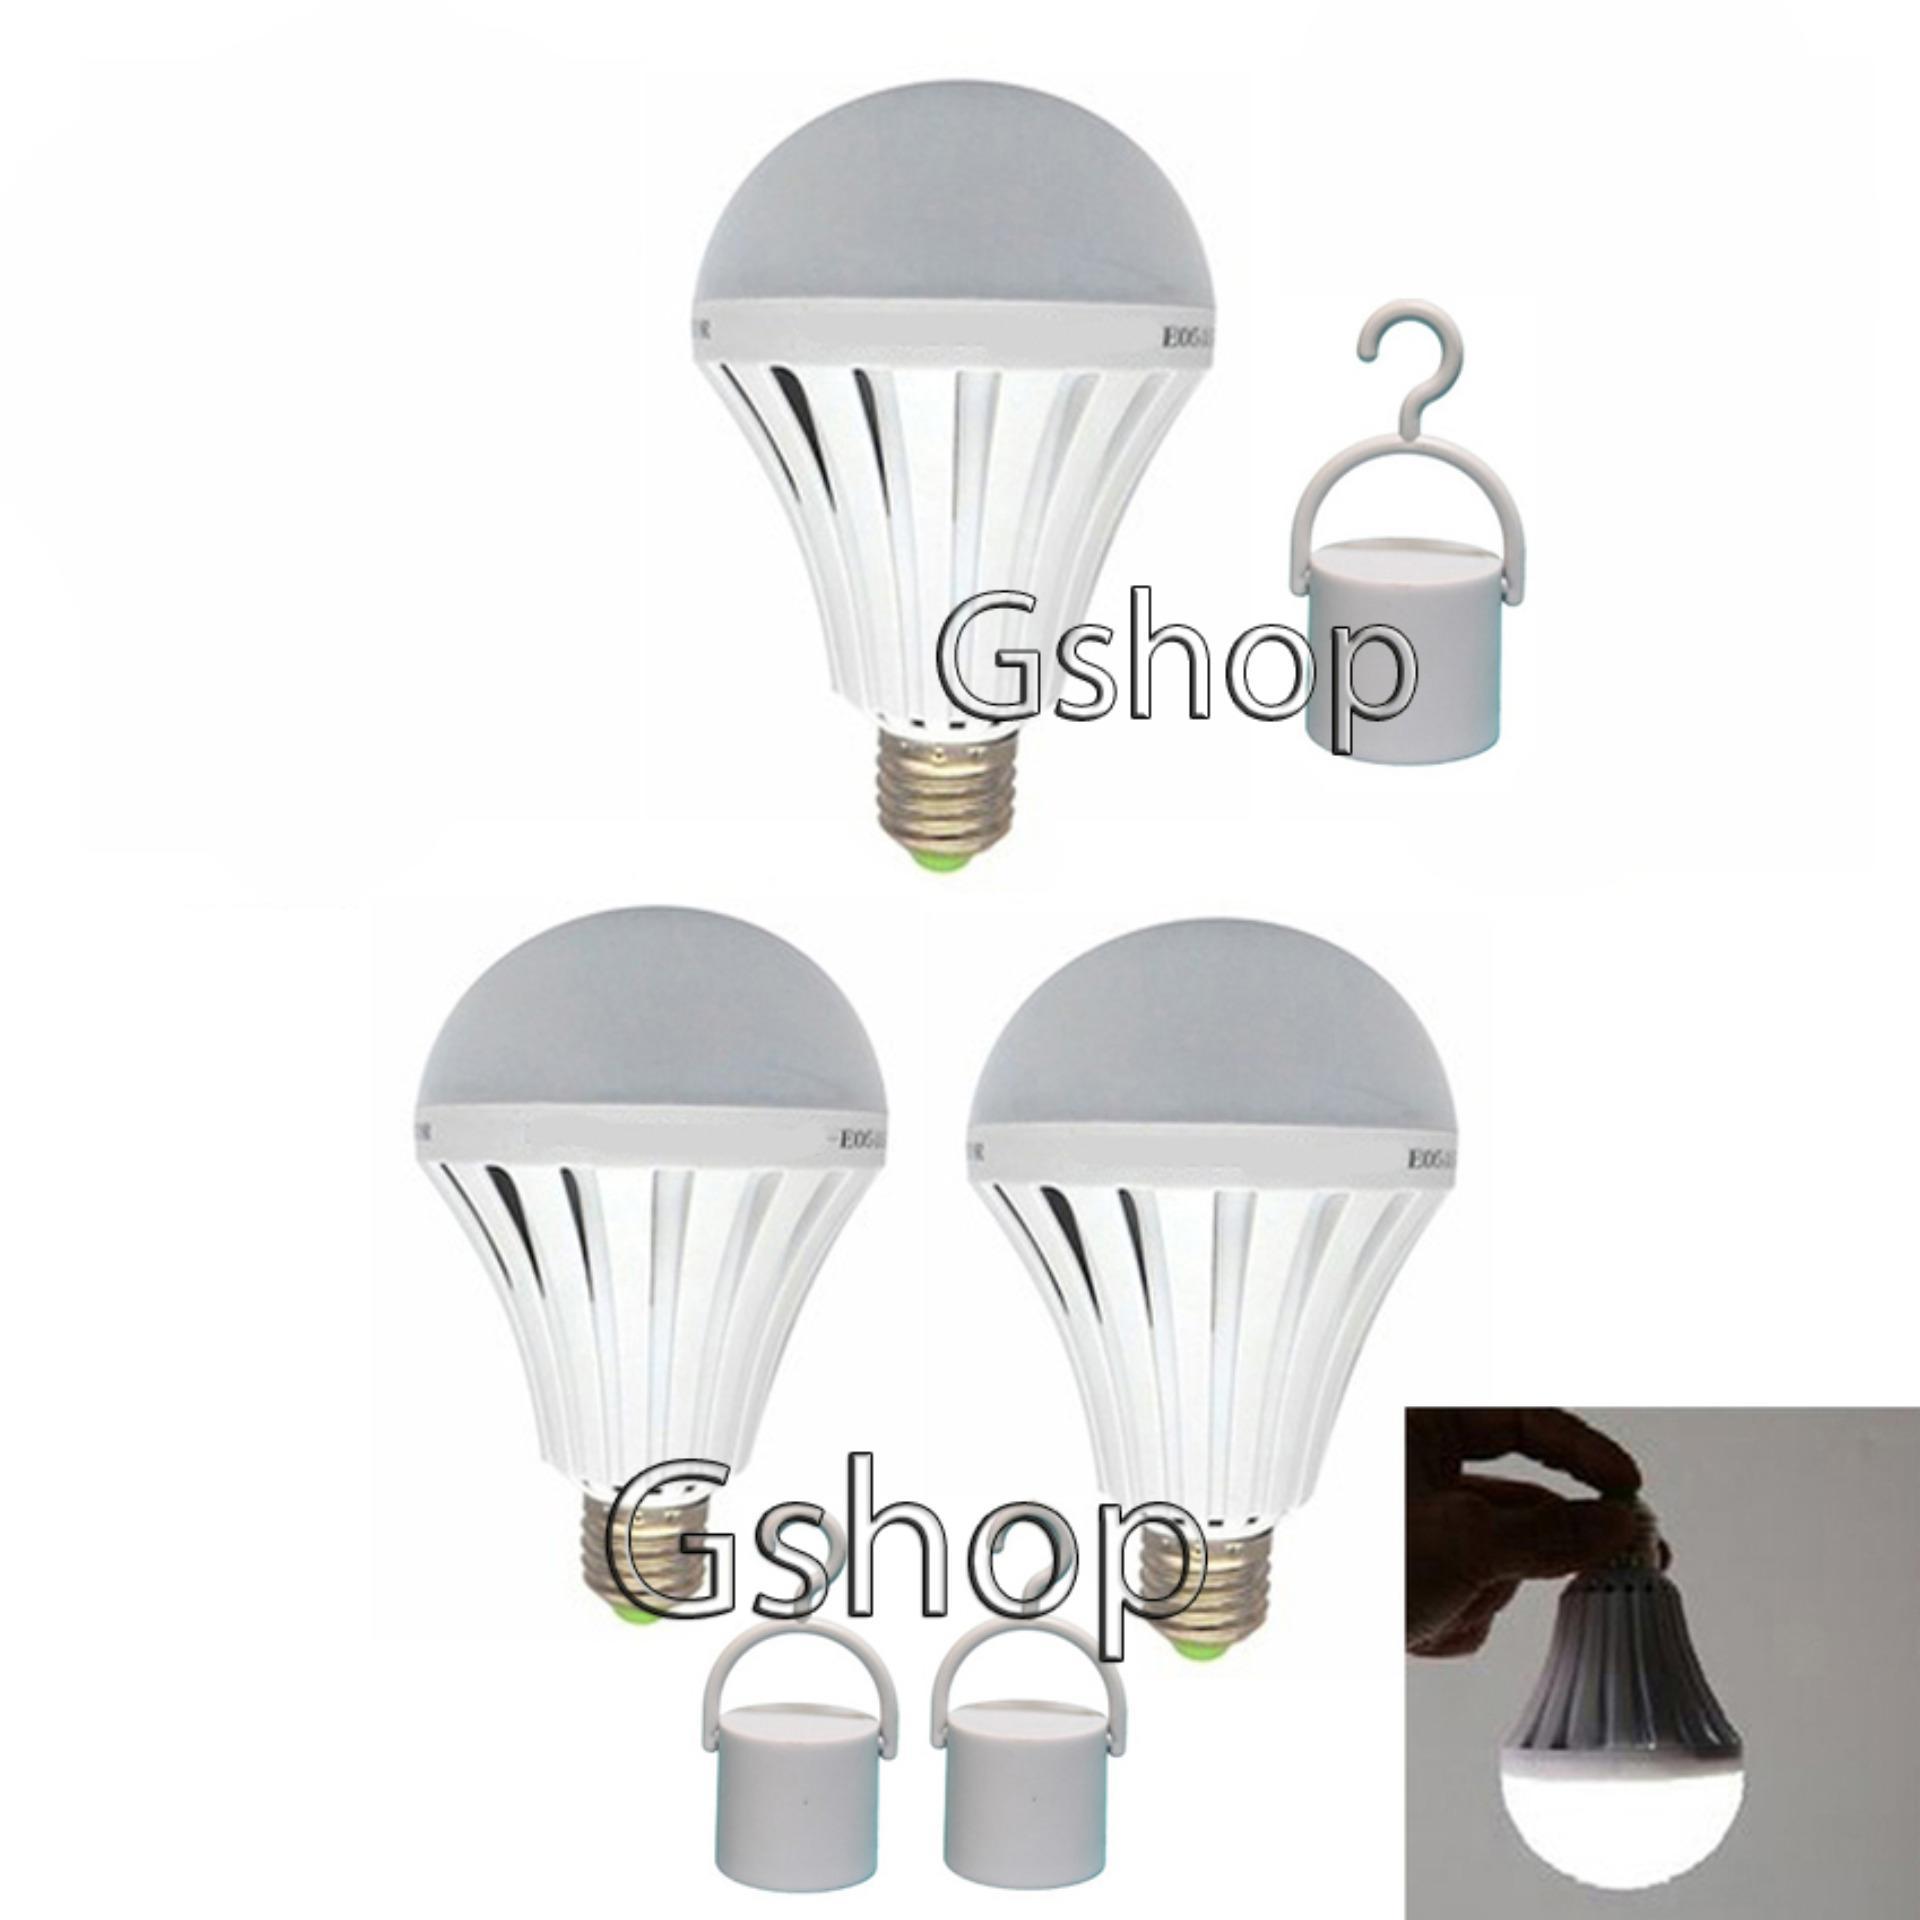 Harga Spesifikasi Led Autolamps Bohlam Emergency 12w Hook Free Usb Source. LED .